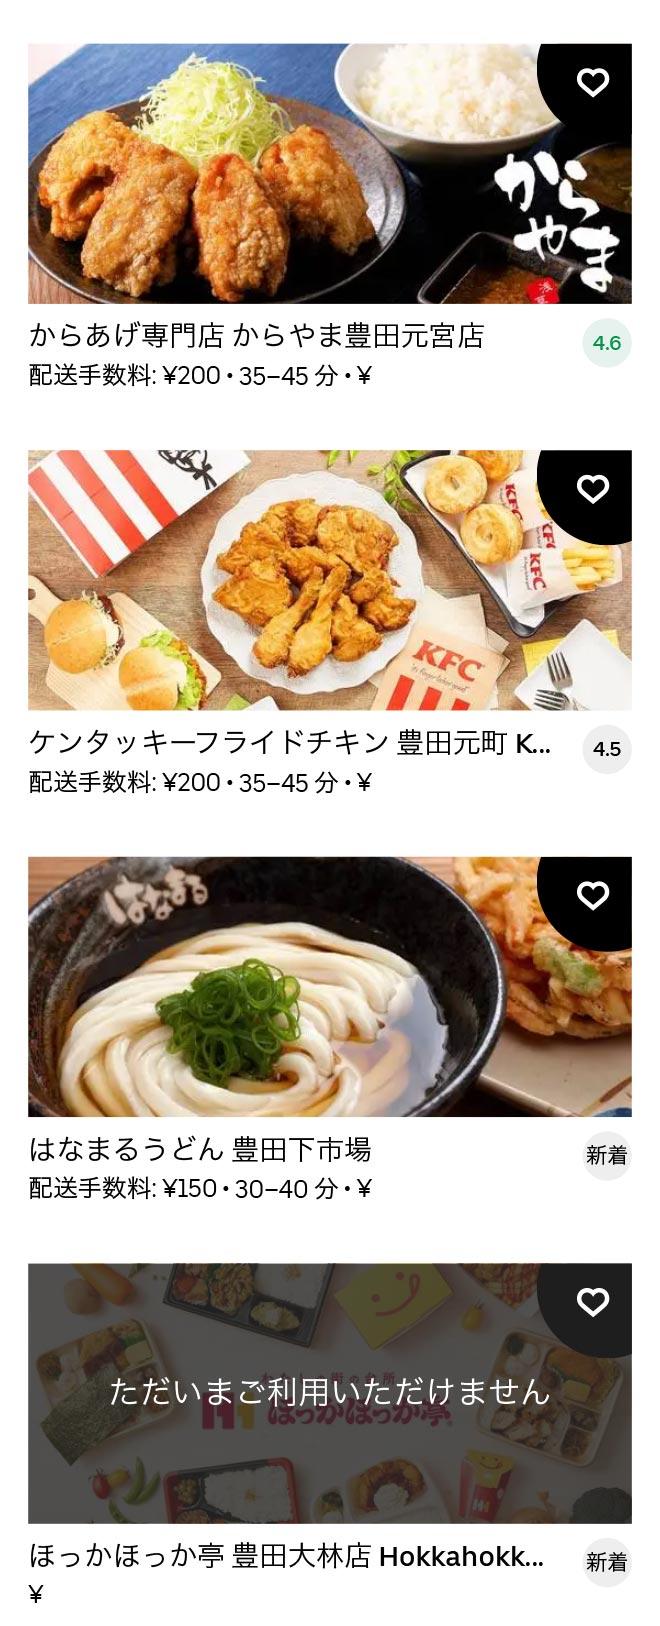 Mikawa toyota menu 2012 05